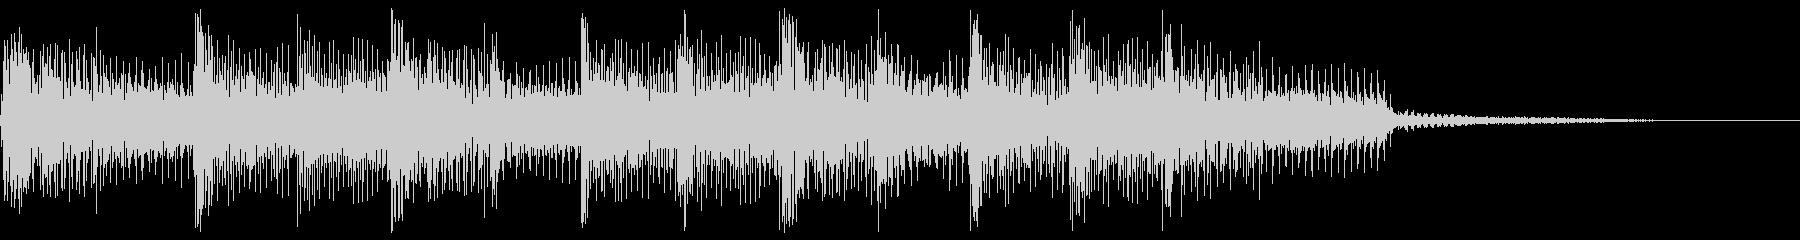 3ピースサウンドのジングルの未再生の波形